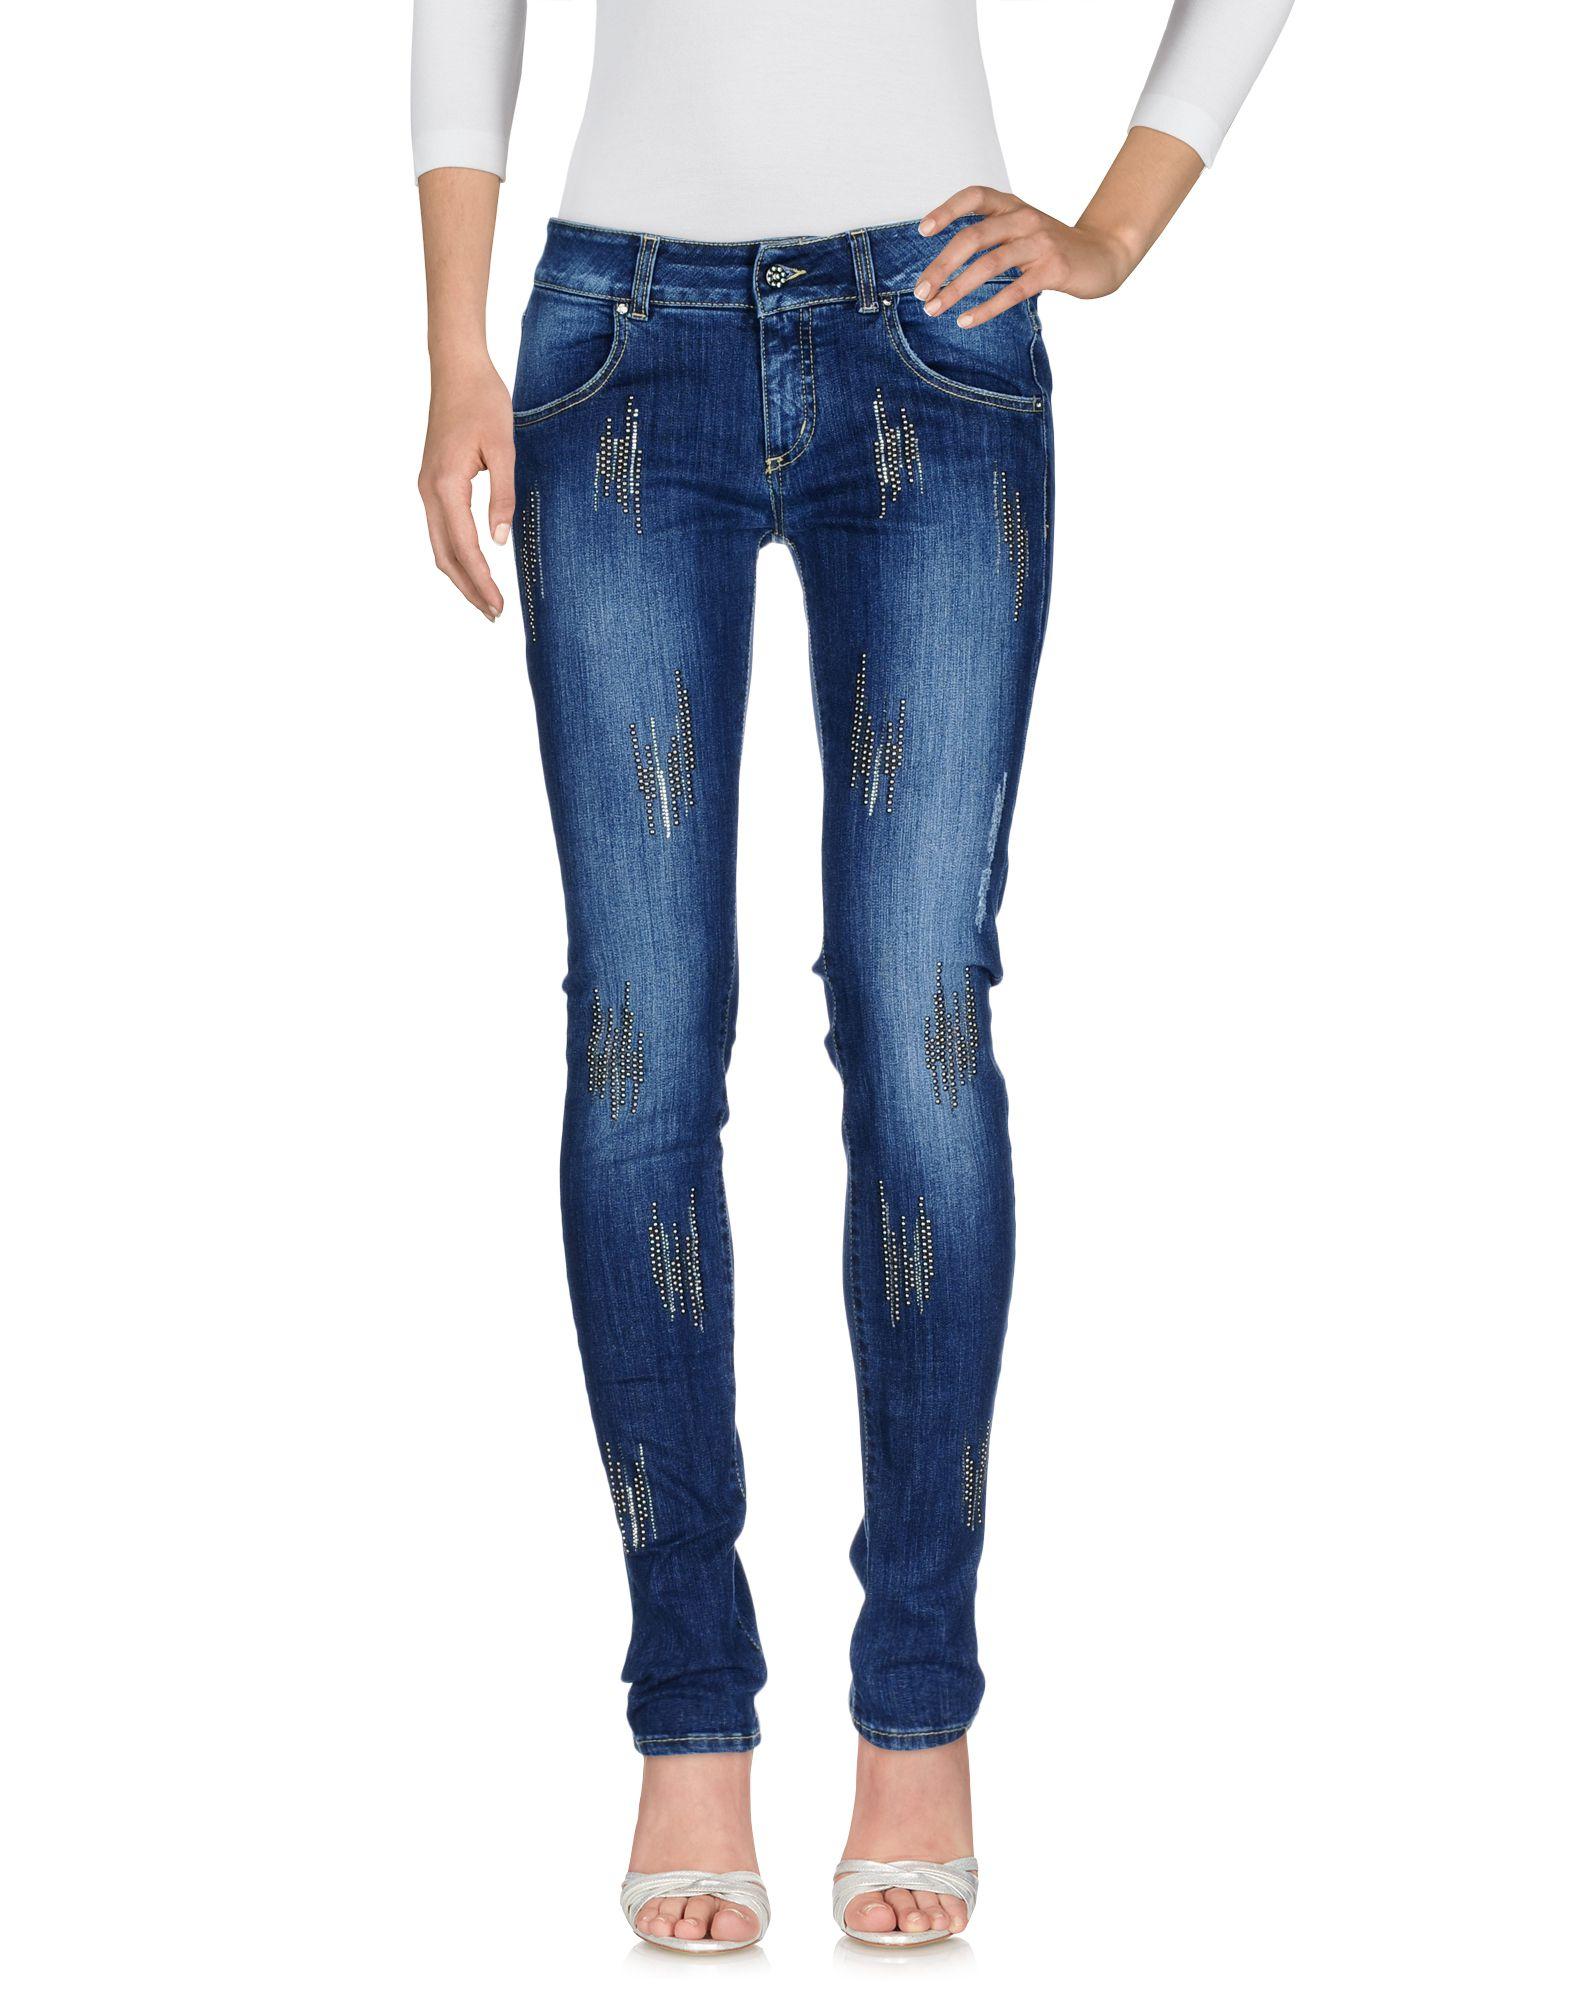 JeansAcheter En Moitié Pantalon À Ligne Femme BWrxeCoQd